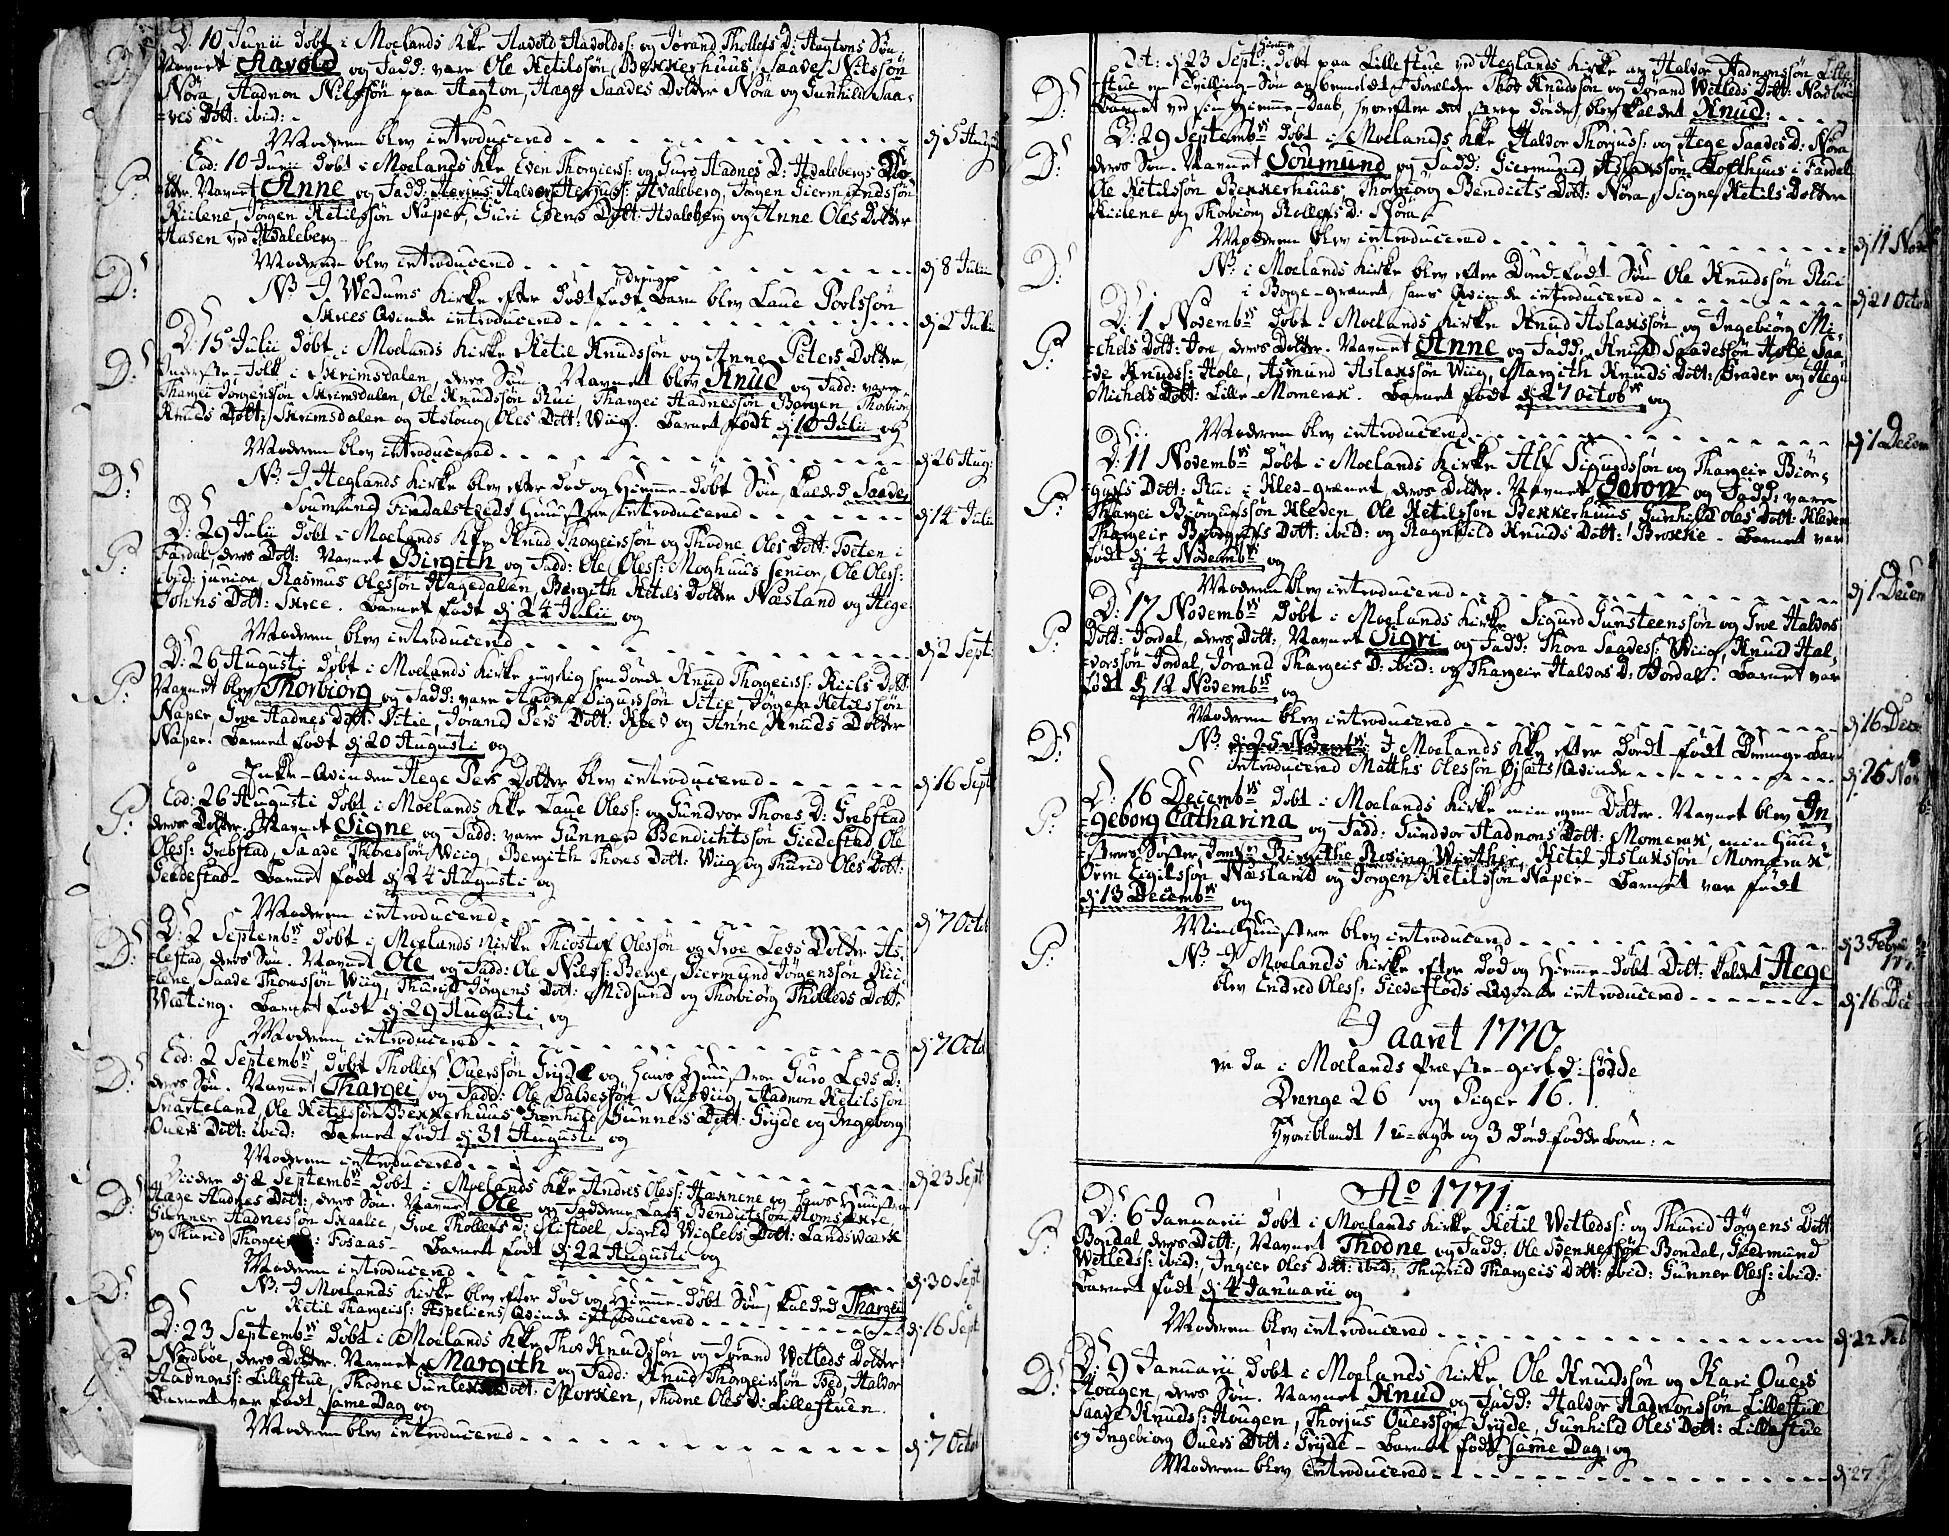 SAKO, Fyresdal kirkebøker, F/Fa/L0002: Ministerialbok nr. I 2, 1769-1814, s. 4